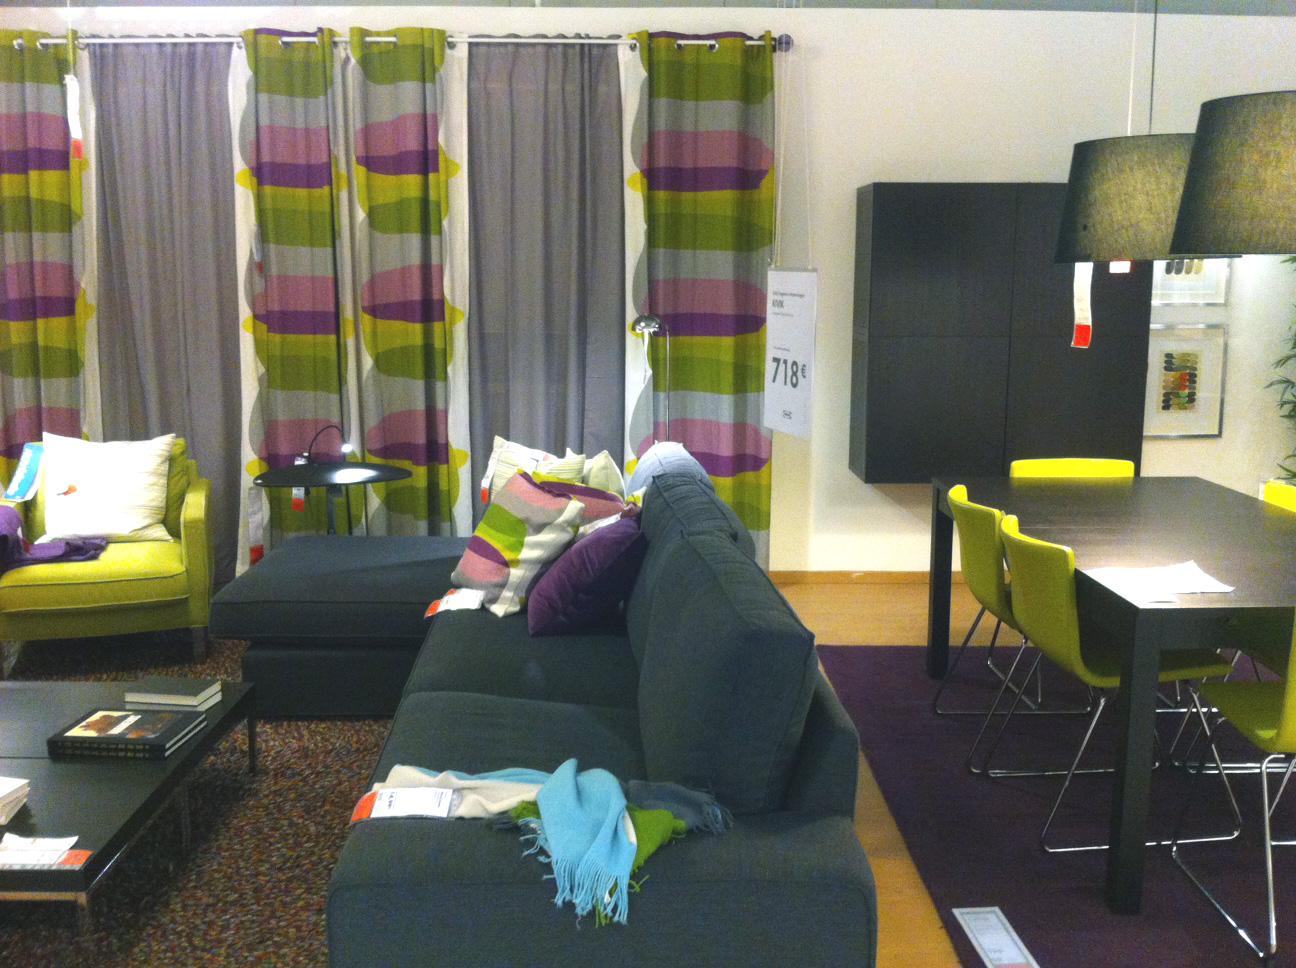 Mesas Sala De Jantar Ikea ~ Enviar a mensagem por email Dê a sua opinião! Partilhar no Twitter